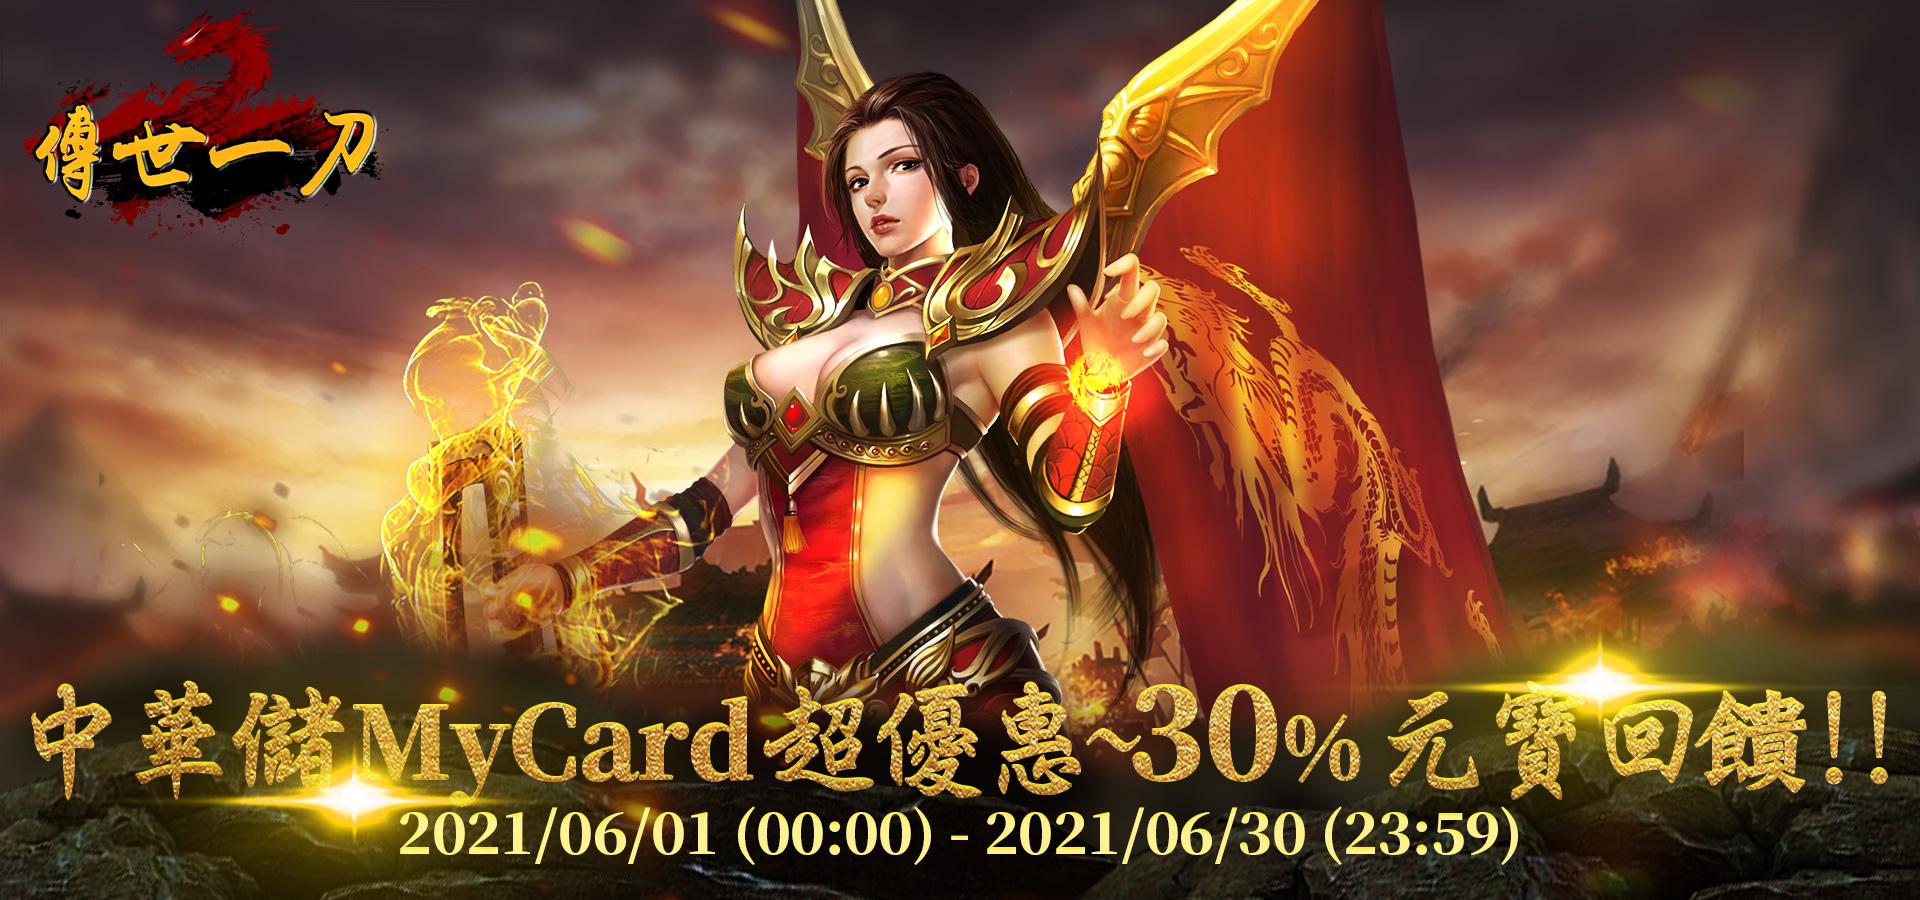 《傳世一刀》中華儲MyCard超優惠~30%元寶回饋!!